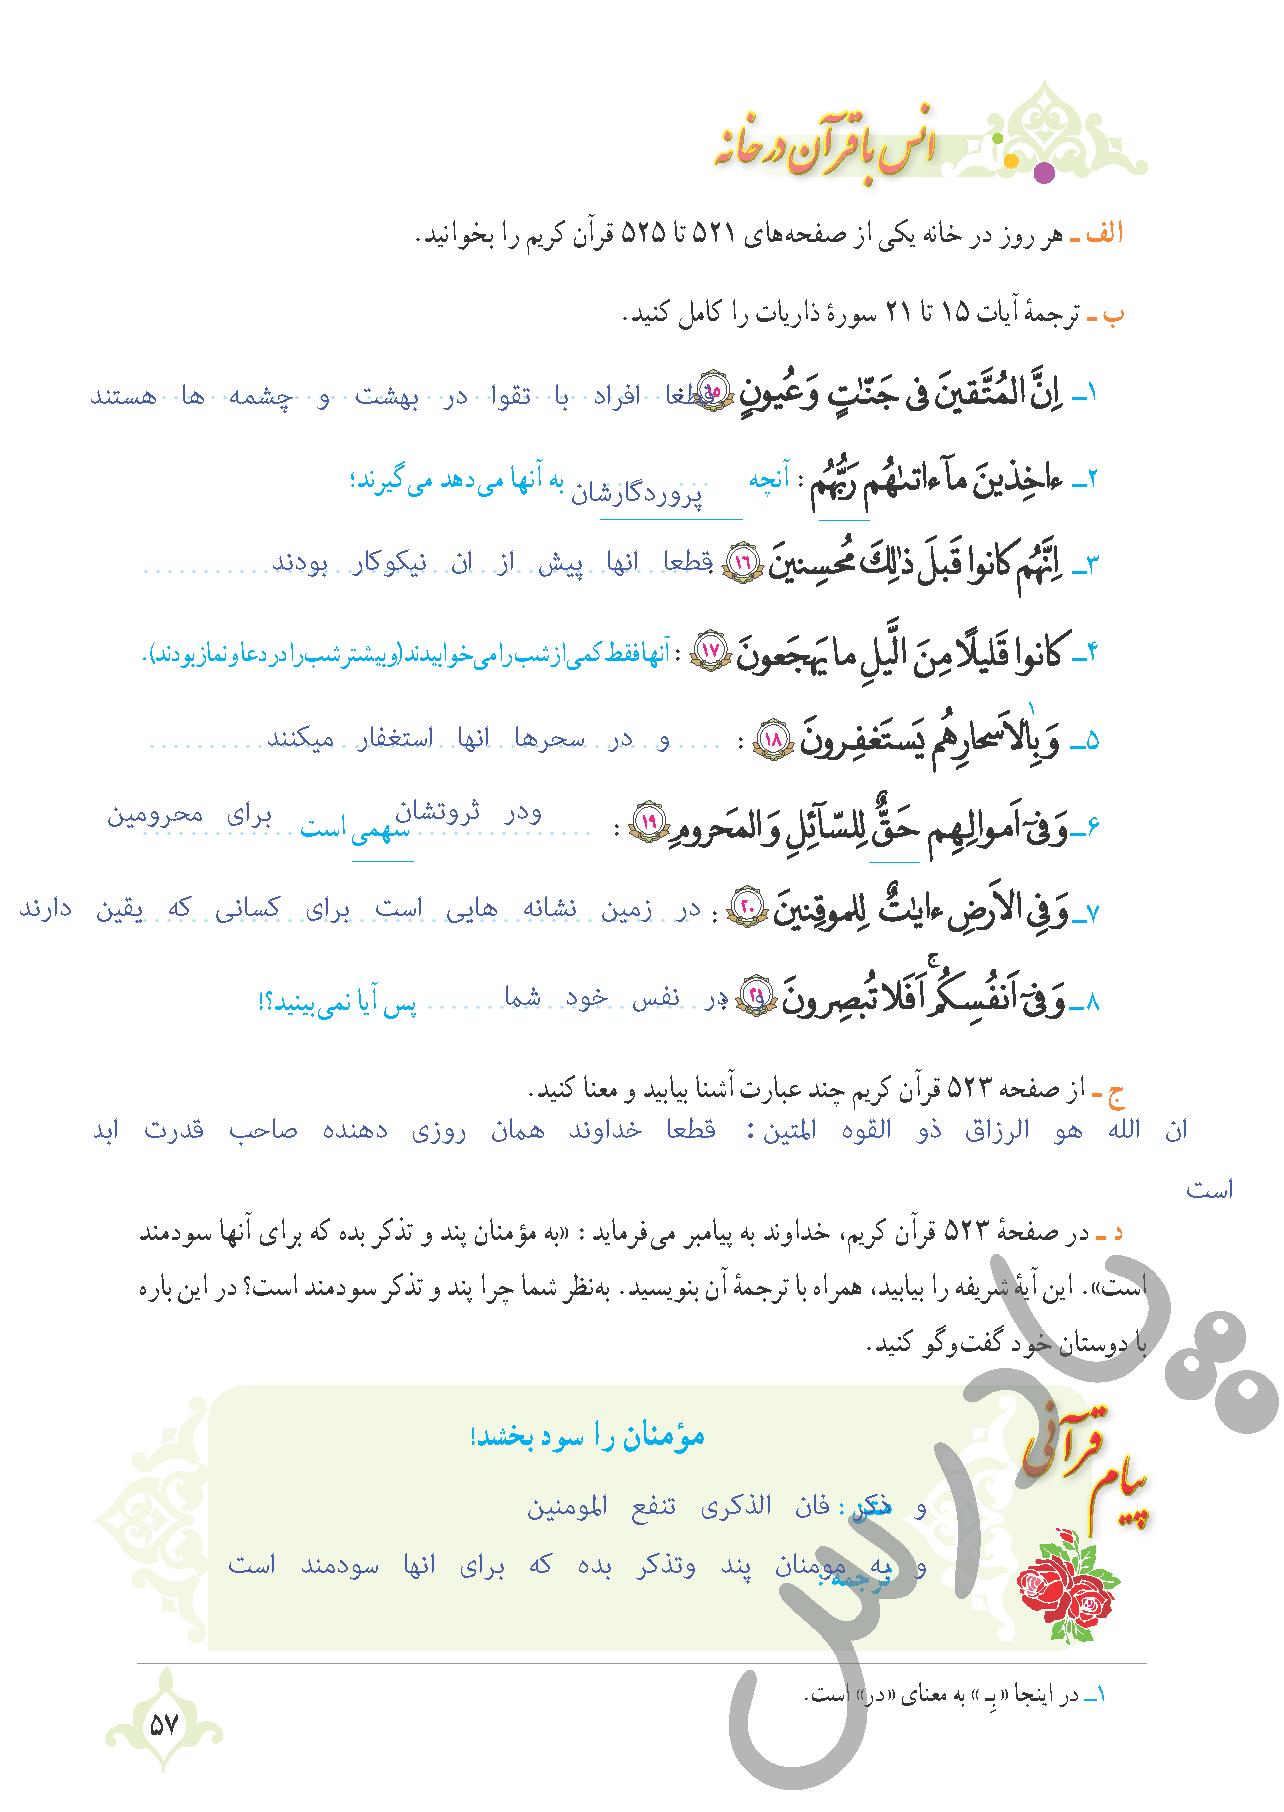 جواب انس با  قرآن درس 5 قرآن نهم - جلسه اول